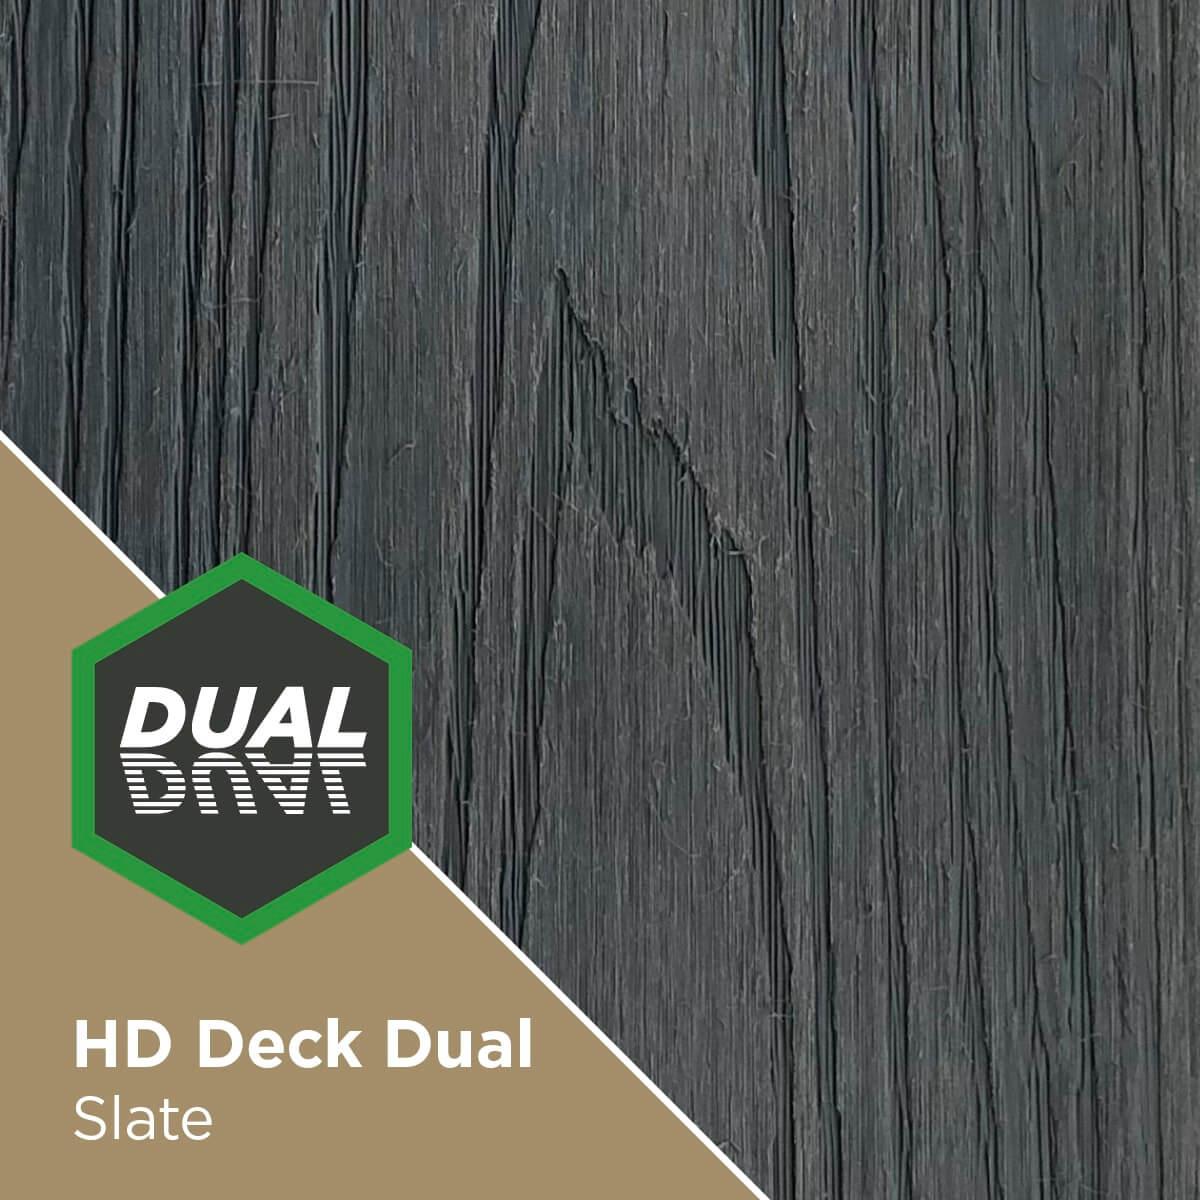 HD Deck Dual Slate